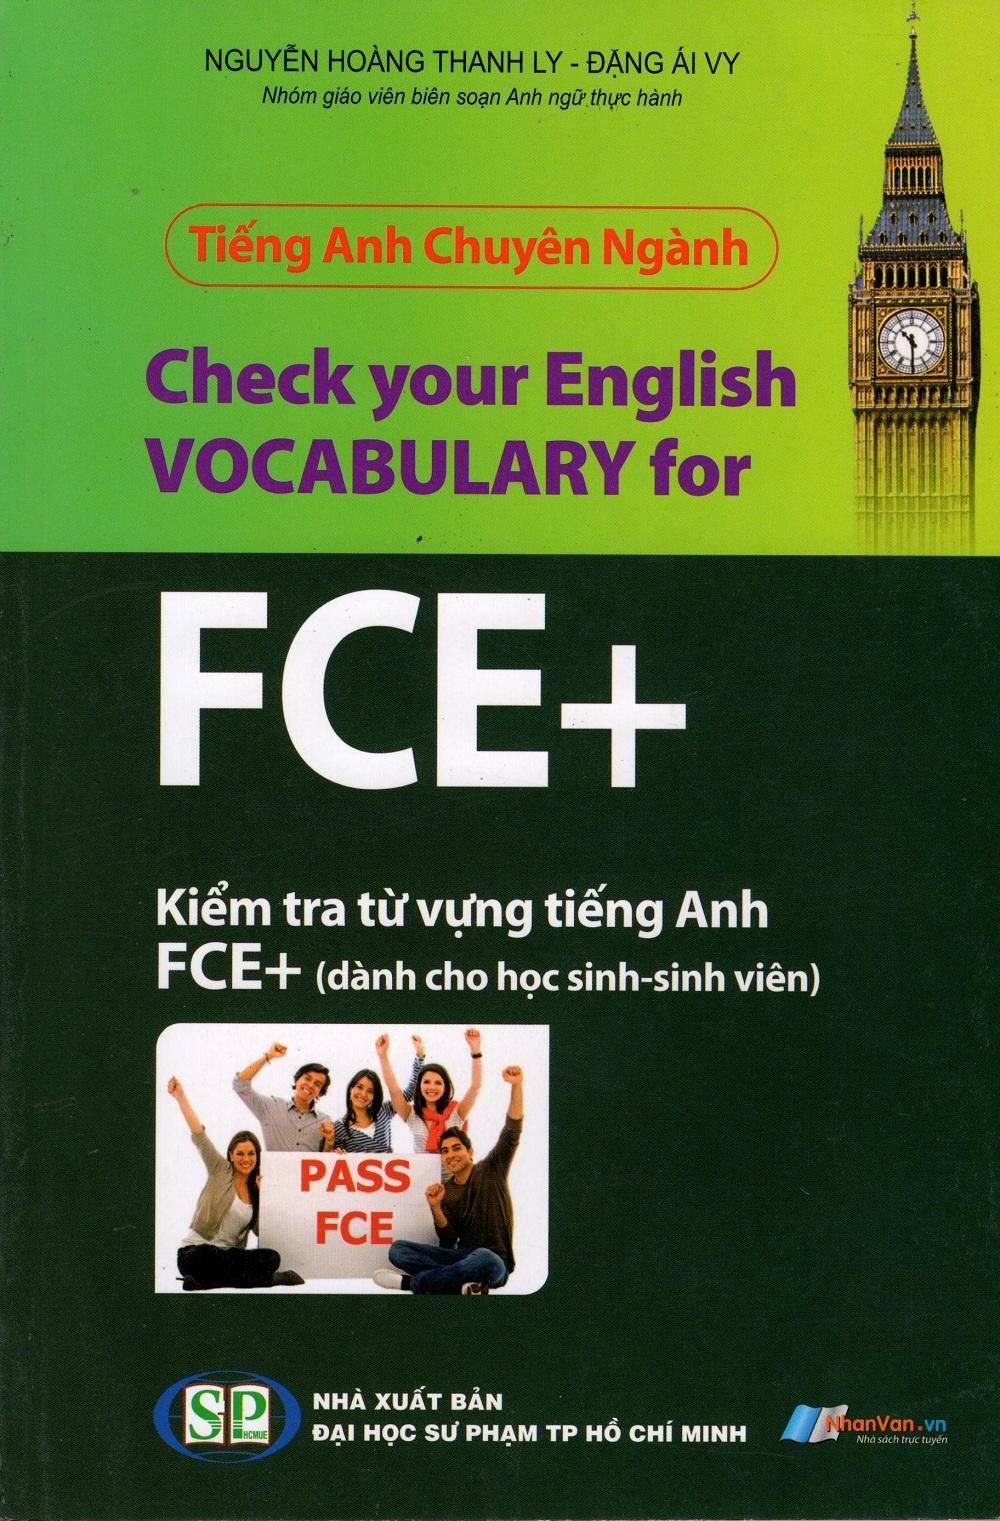 Bìa sách Tiếng Anh Chuyên Ngành - Kiểm Tra Từ Vựng Tiếng Anh FCE+